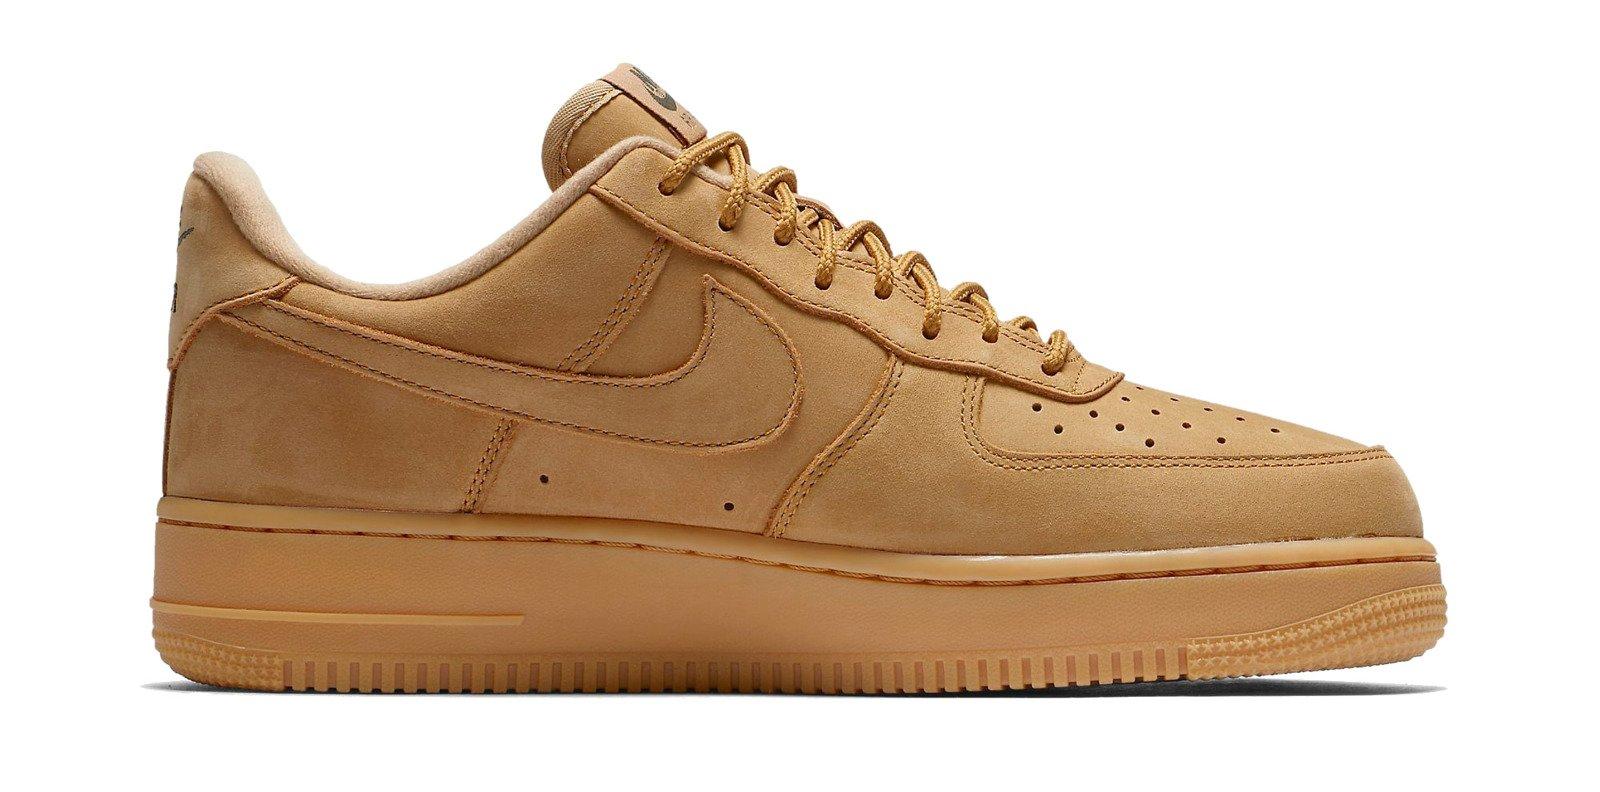 Nike Air Force 1 Low '07 WB Wheat AA4061 200 Basketballschuhe